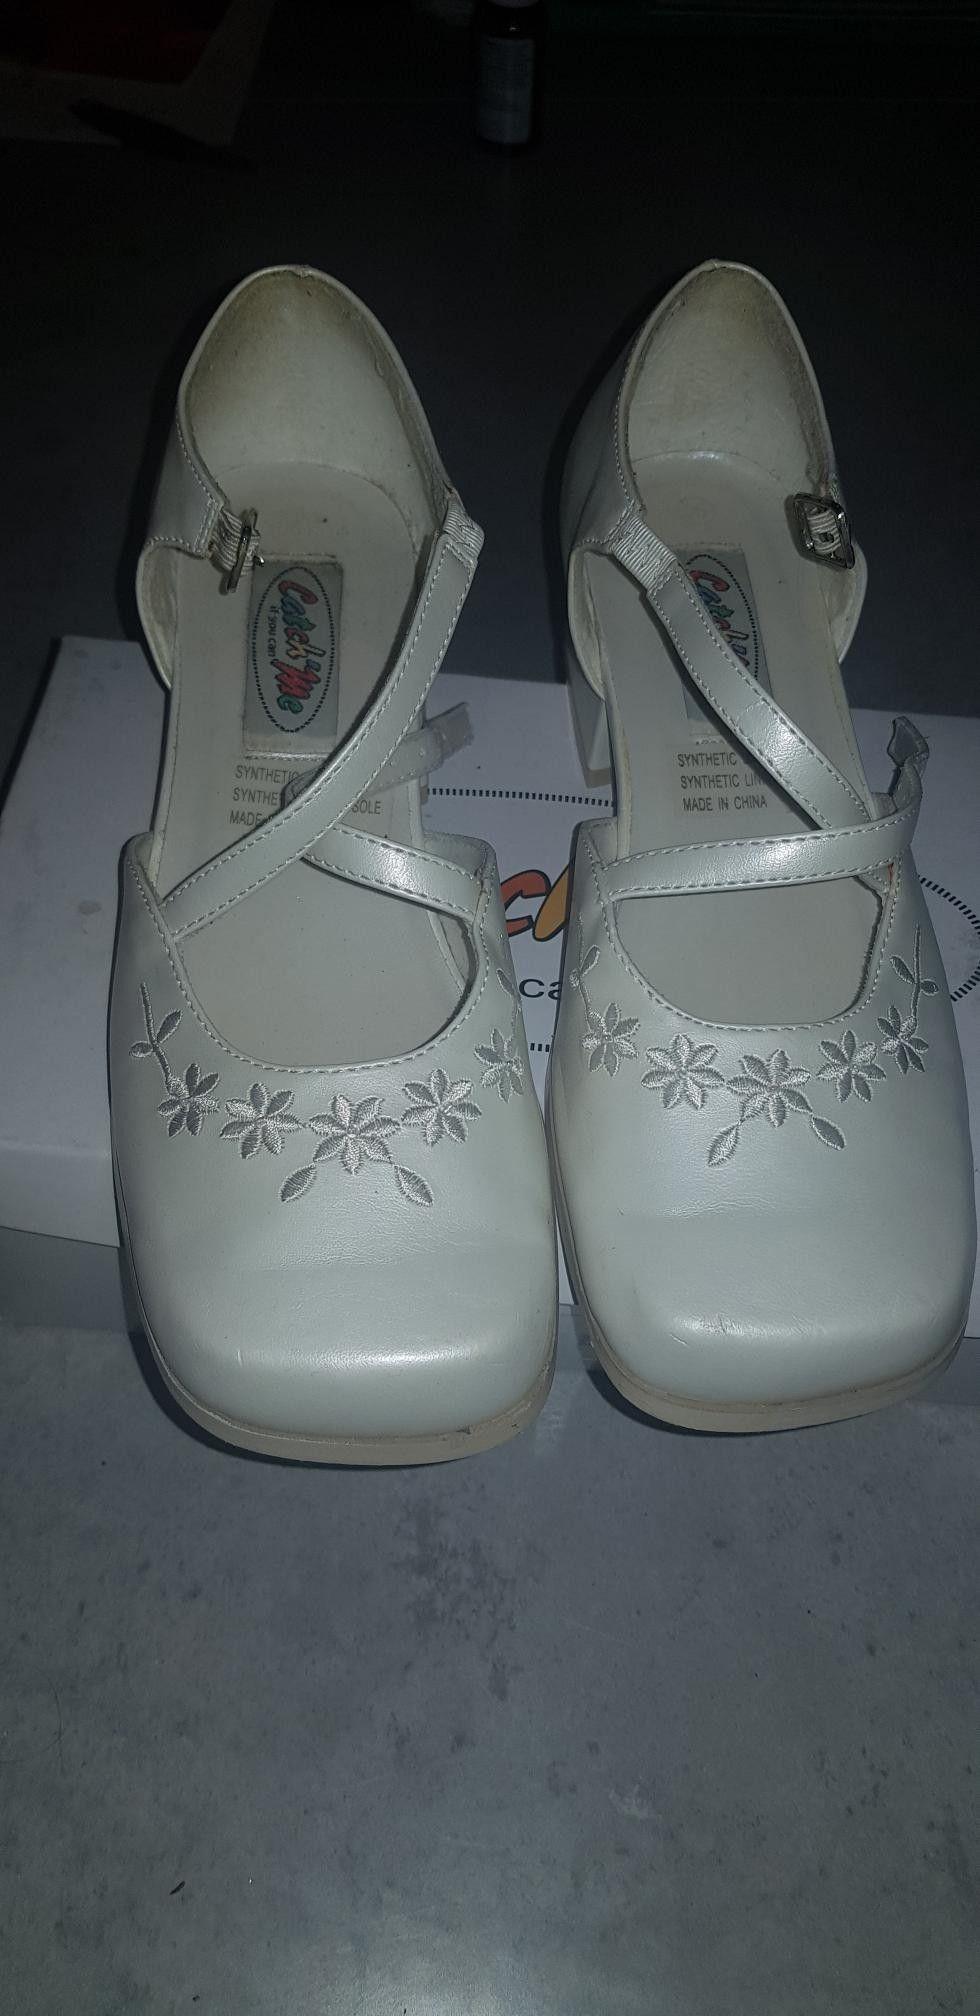 Pent brukte pensko og brudepike sko   FINN.no